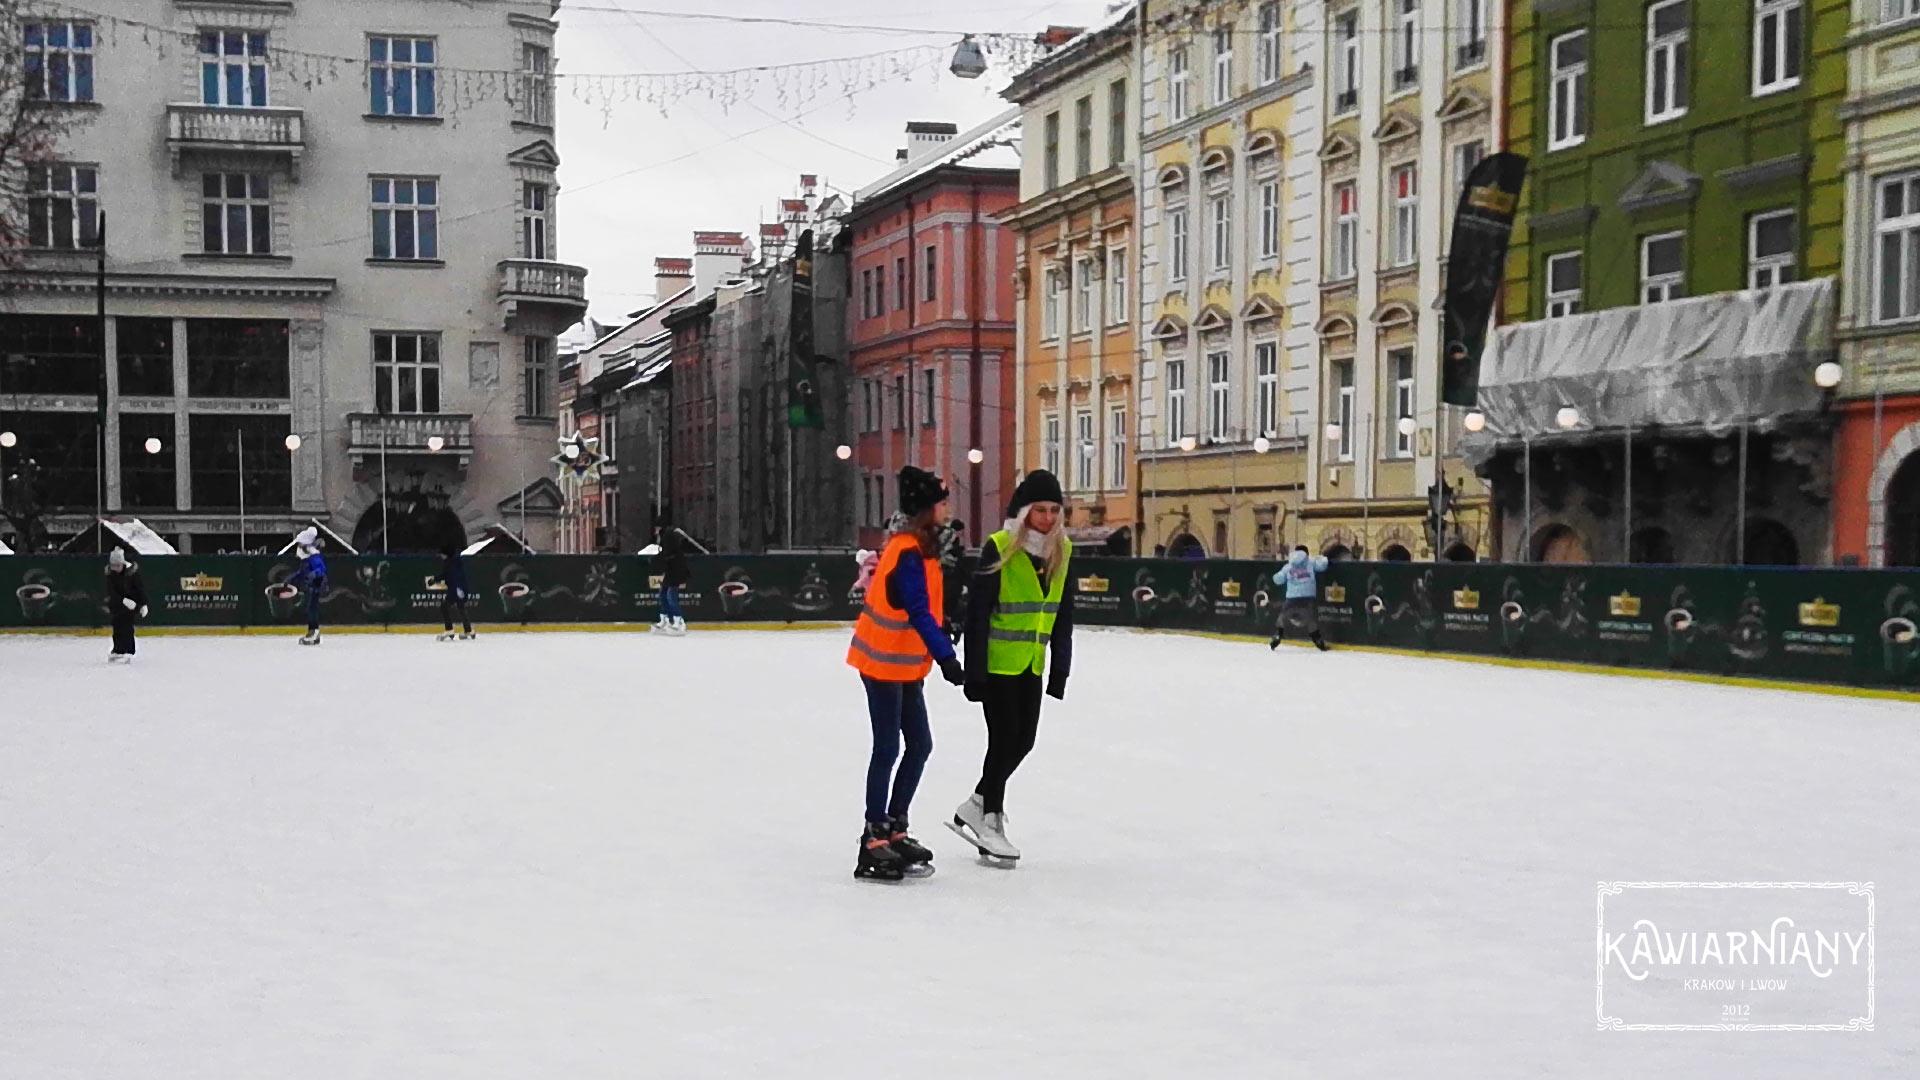 Wiemy już kiedy ruszy lodowisko na Rynku we Lwowie w 2018 roku